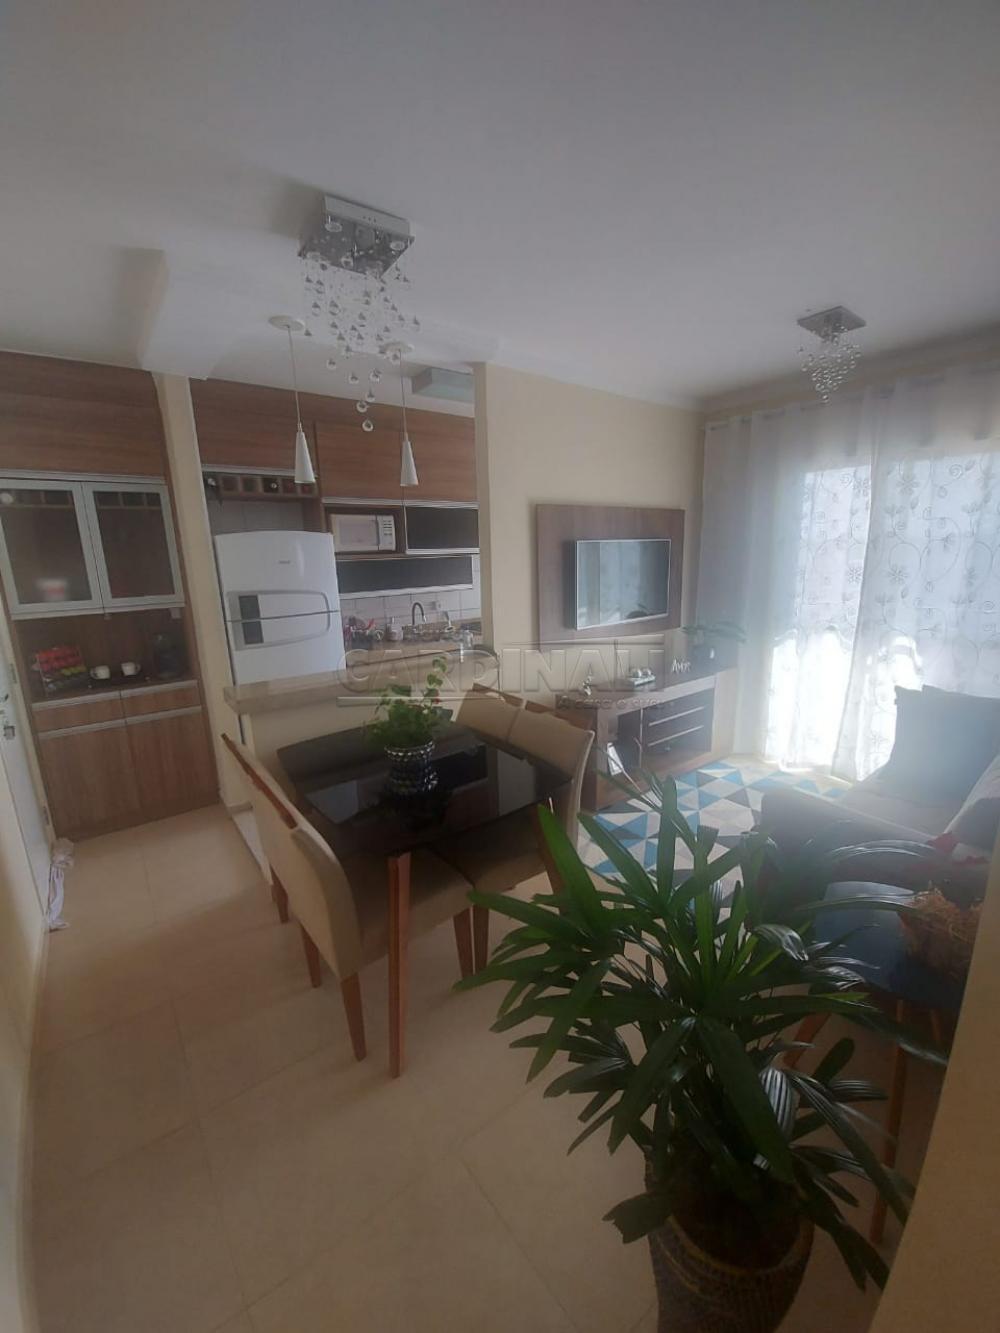 Comprar Apartamento / Padrão em São Carlos R$ 309.000,00 - Foto 2